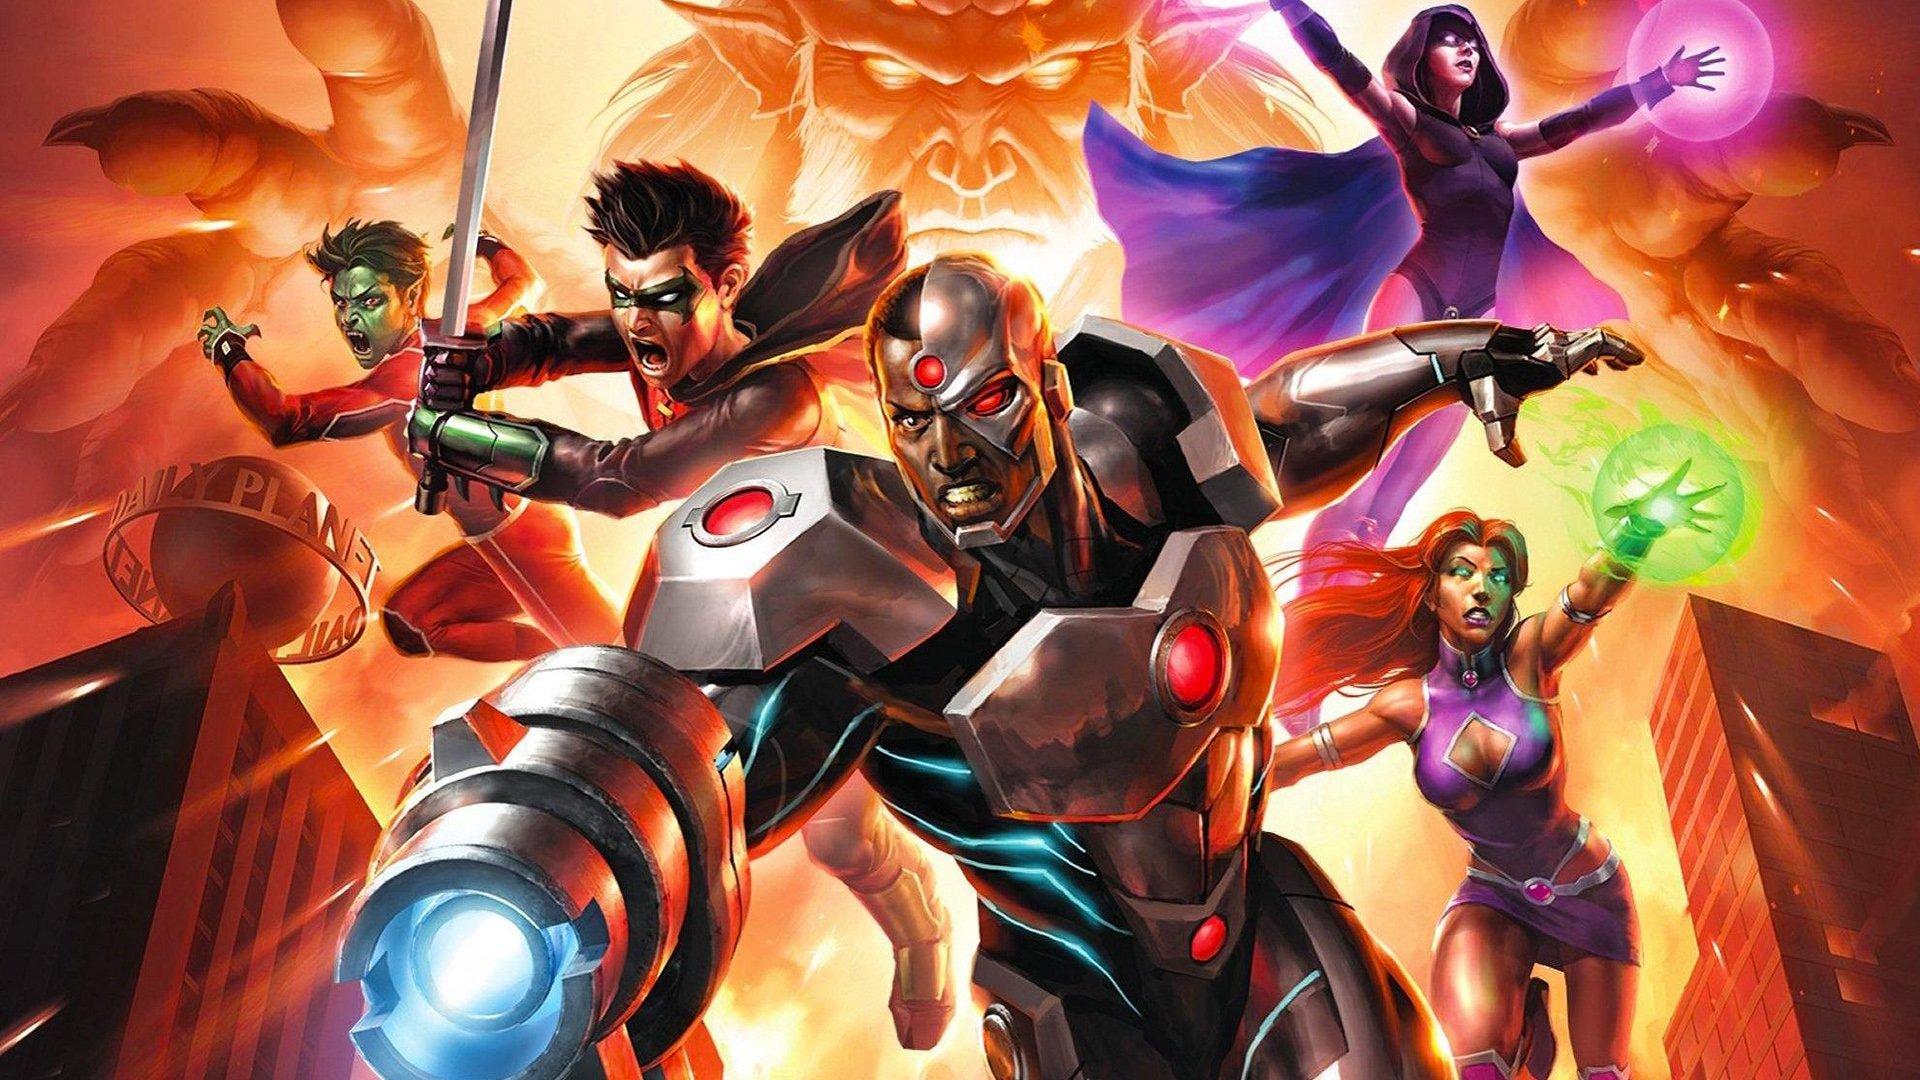 Justice League Vs Teen Titans Fondo De Pantalla Hd Fondo